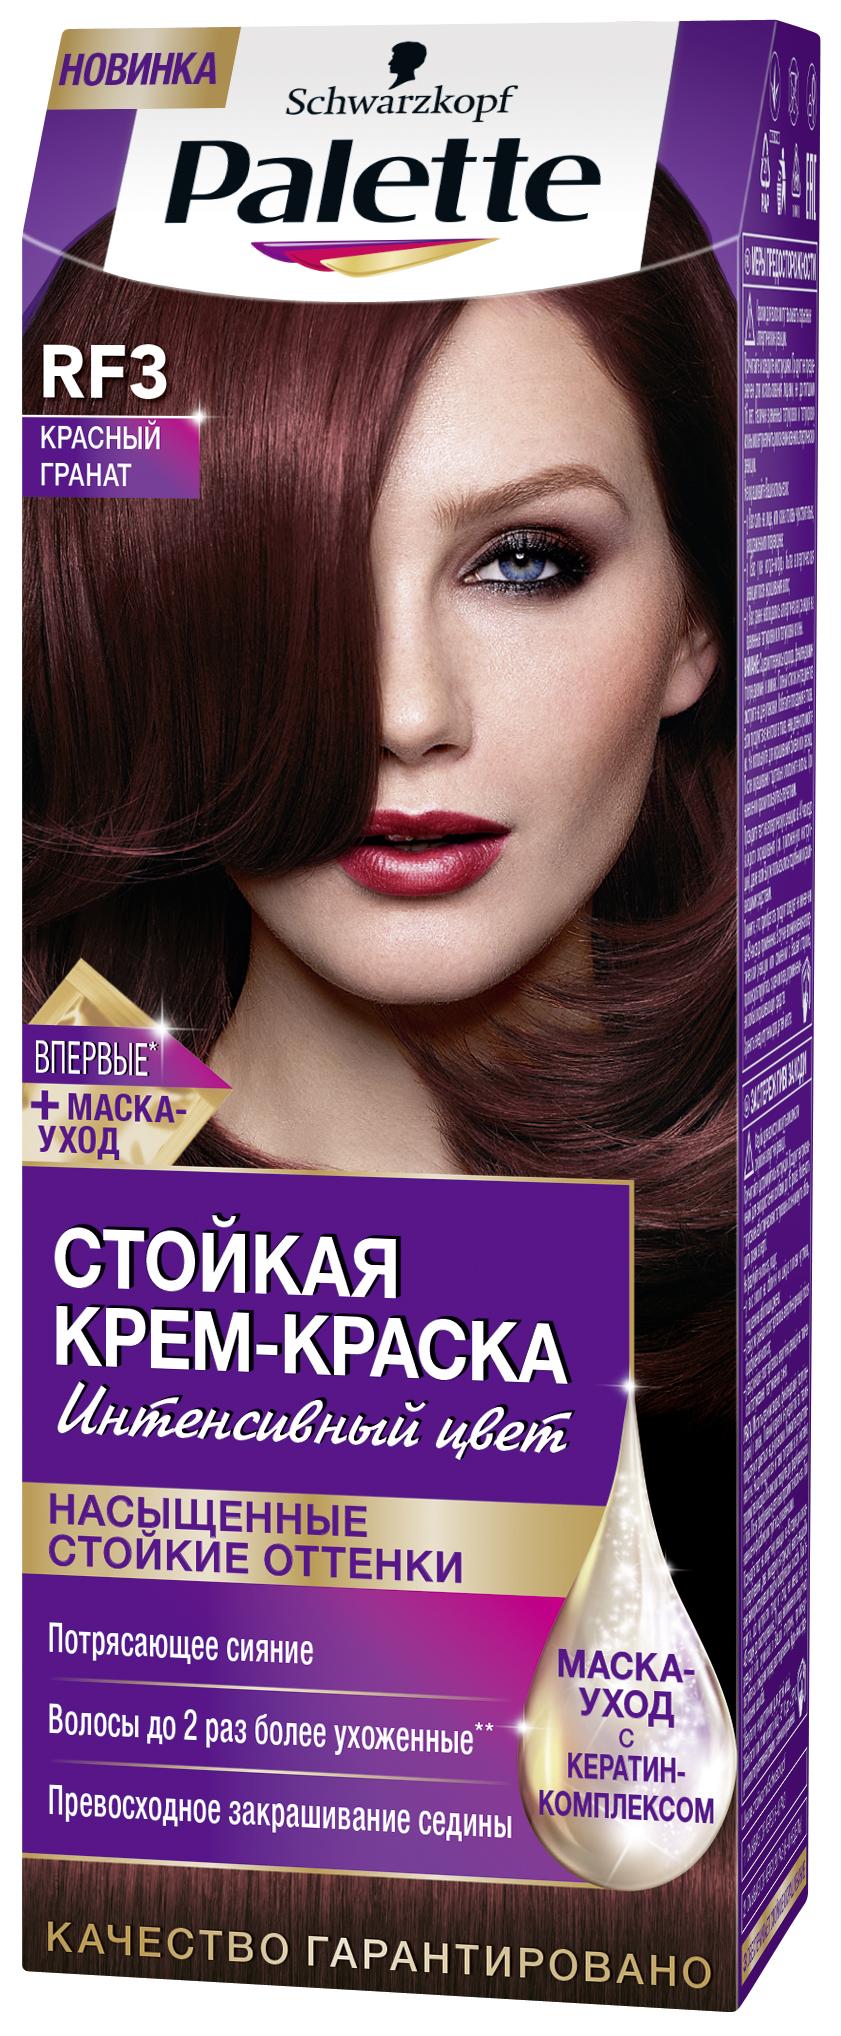 Palette Стойкая крем-краска RF3 Красный гранат 110 млNDL8/34Знаменитая краска для волос Palette при использовании тщательно окрашивает волосы, стойко сохраняет цвет, имеет множество разнообразных оттенков на любой, самый взыскательный, вкус.